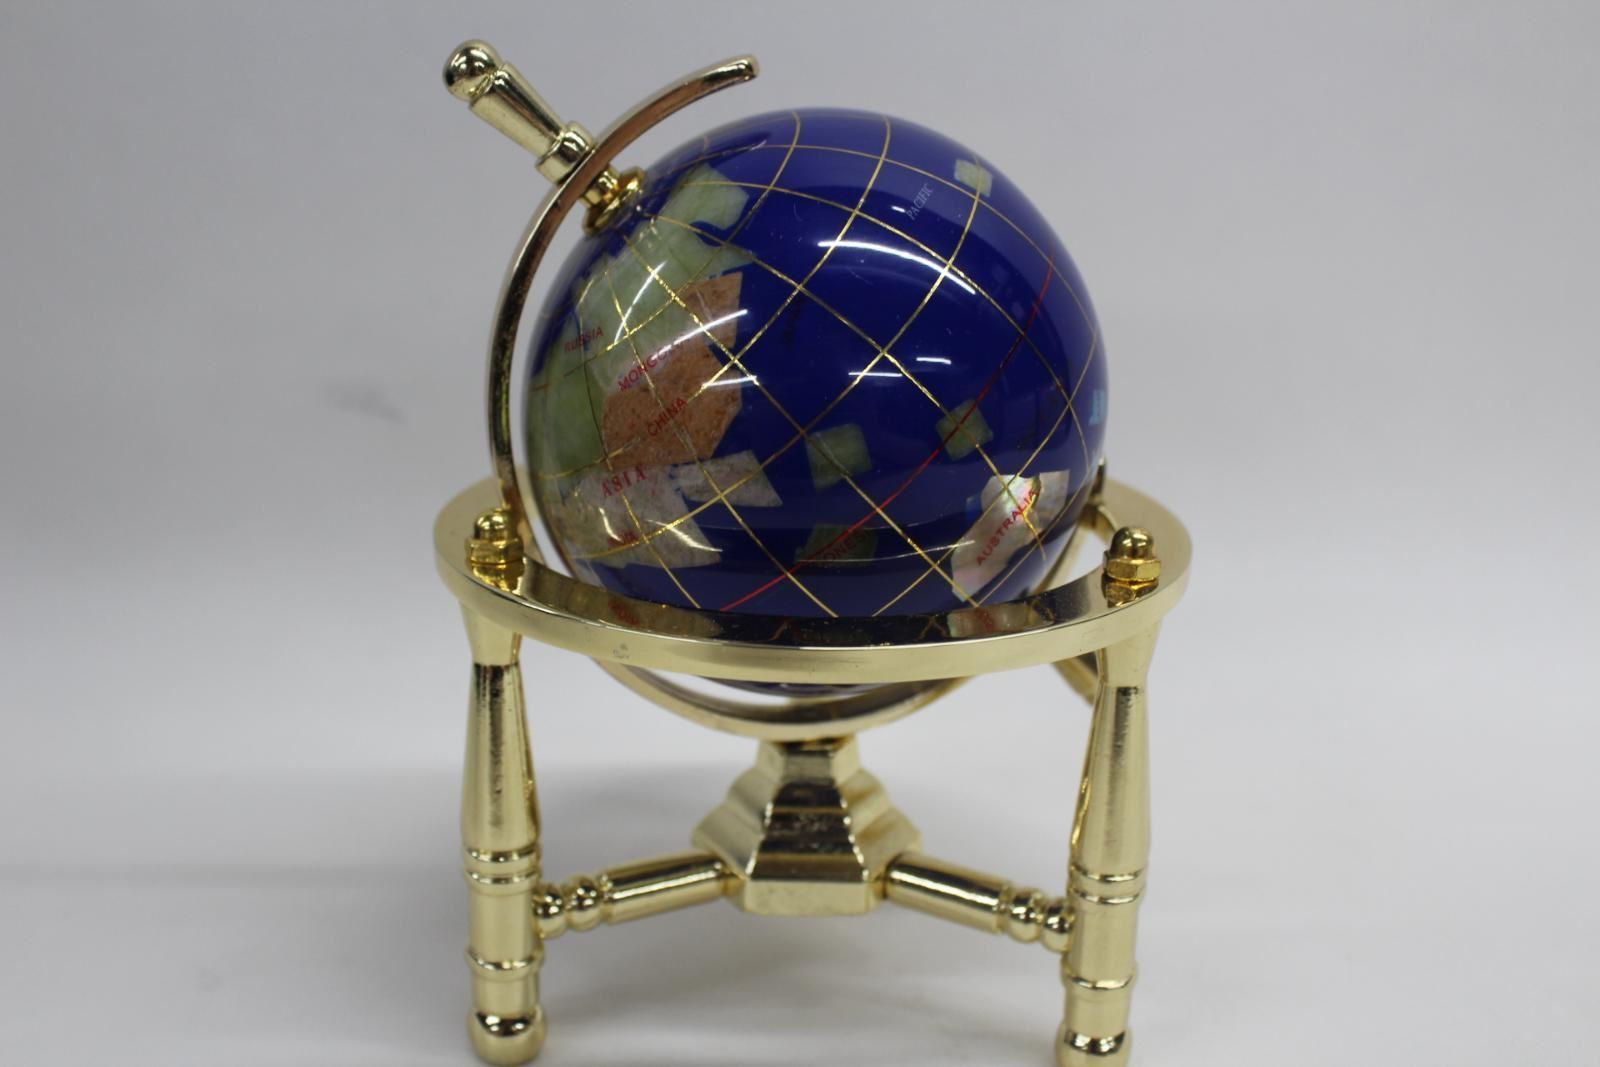 Unique Art 6 In (environ 15.24 Cm) Mini Table Top Gemstone Globe Terrestre Fait à La Main Avec Boite-afficher Le Titre D'origine